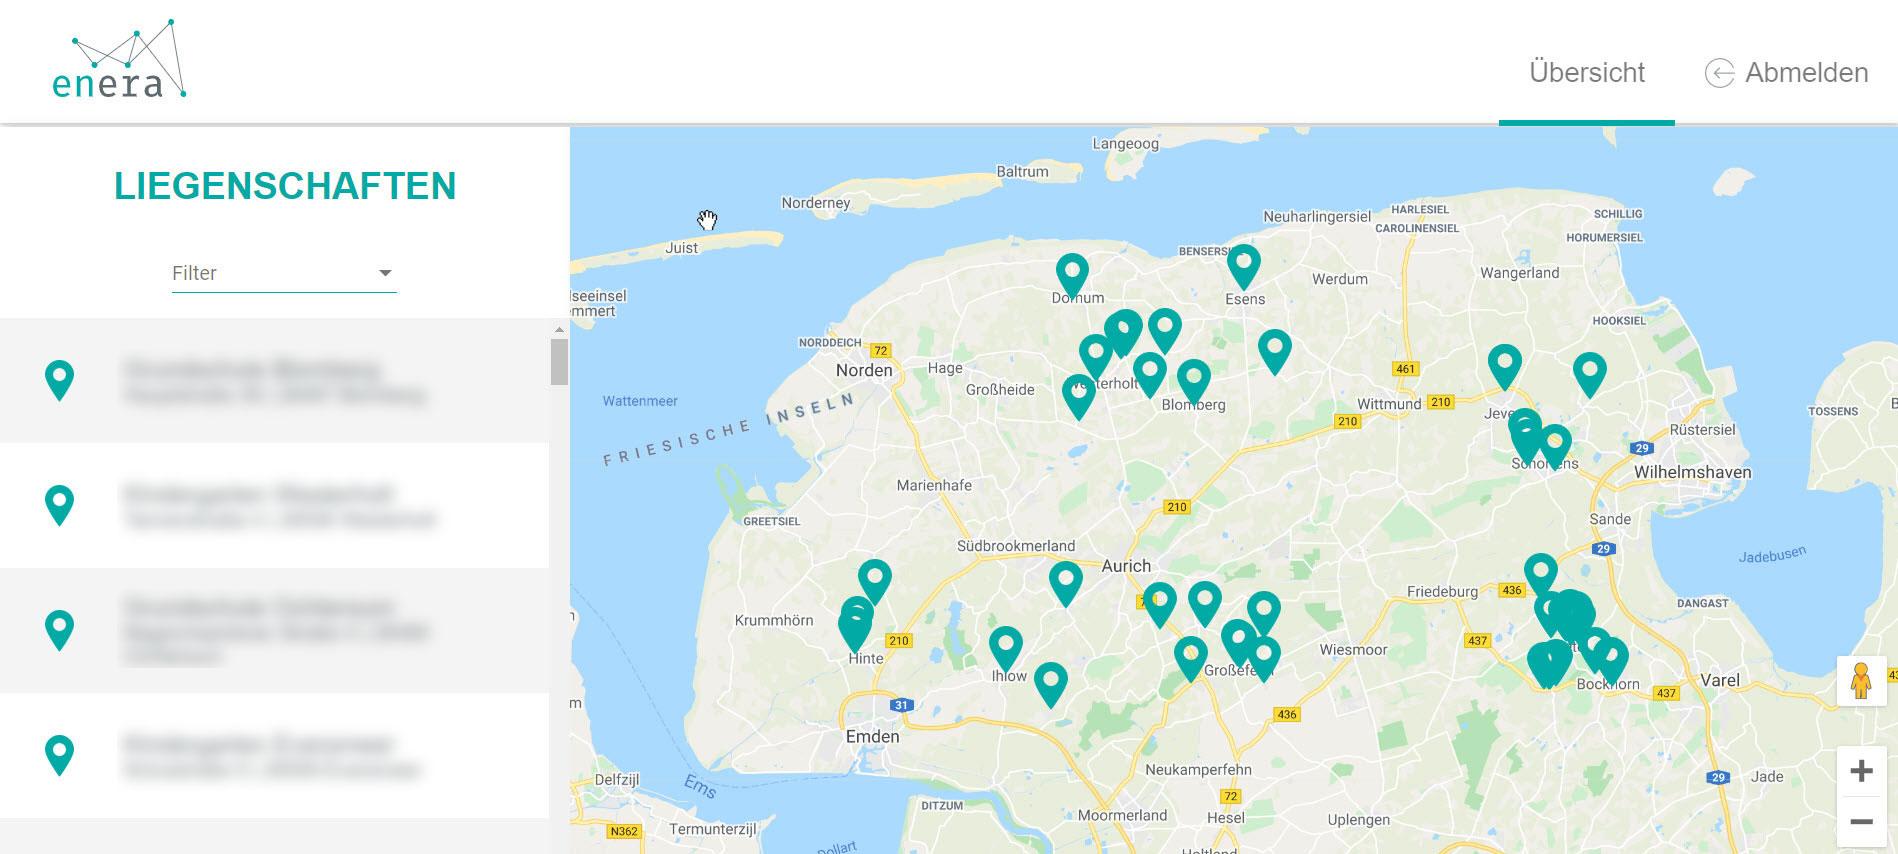 Darstellung des Liegenschaften in der enera Webanwendung für die Energiewende-Kommunen